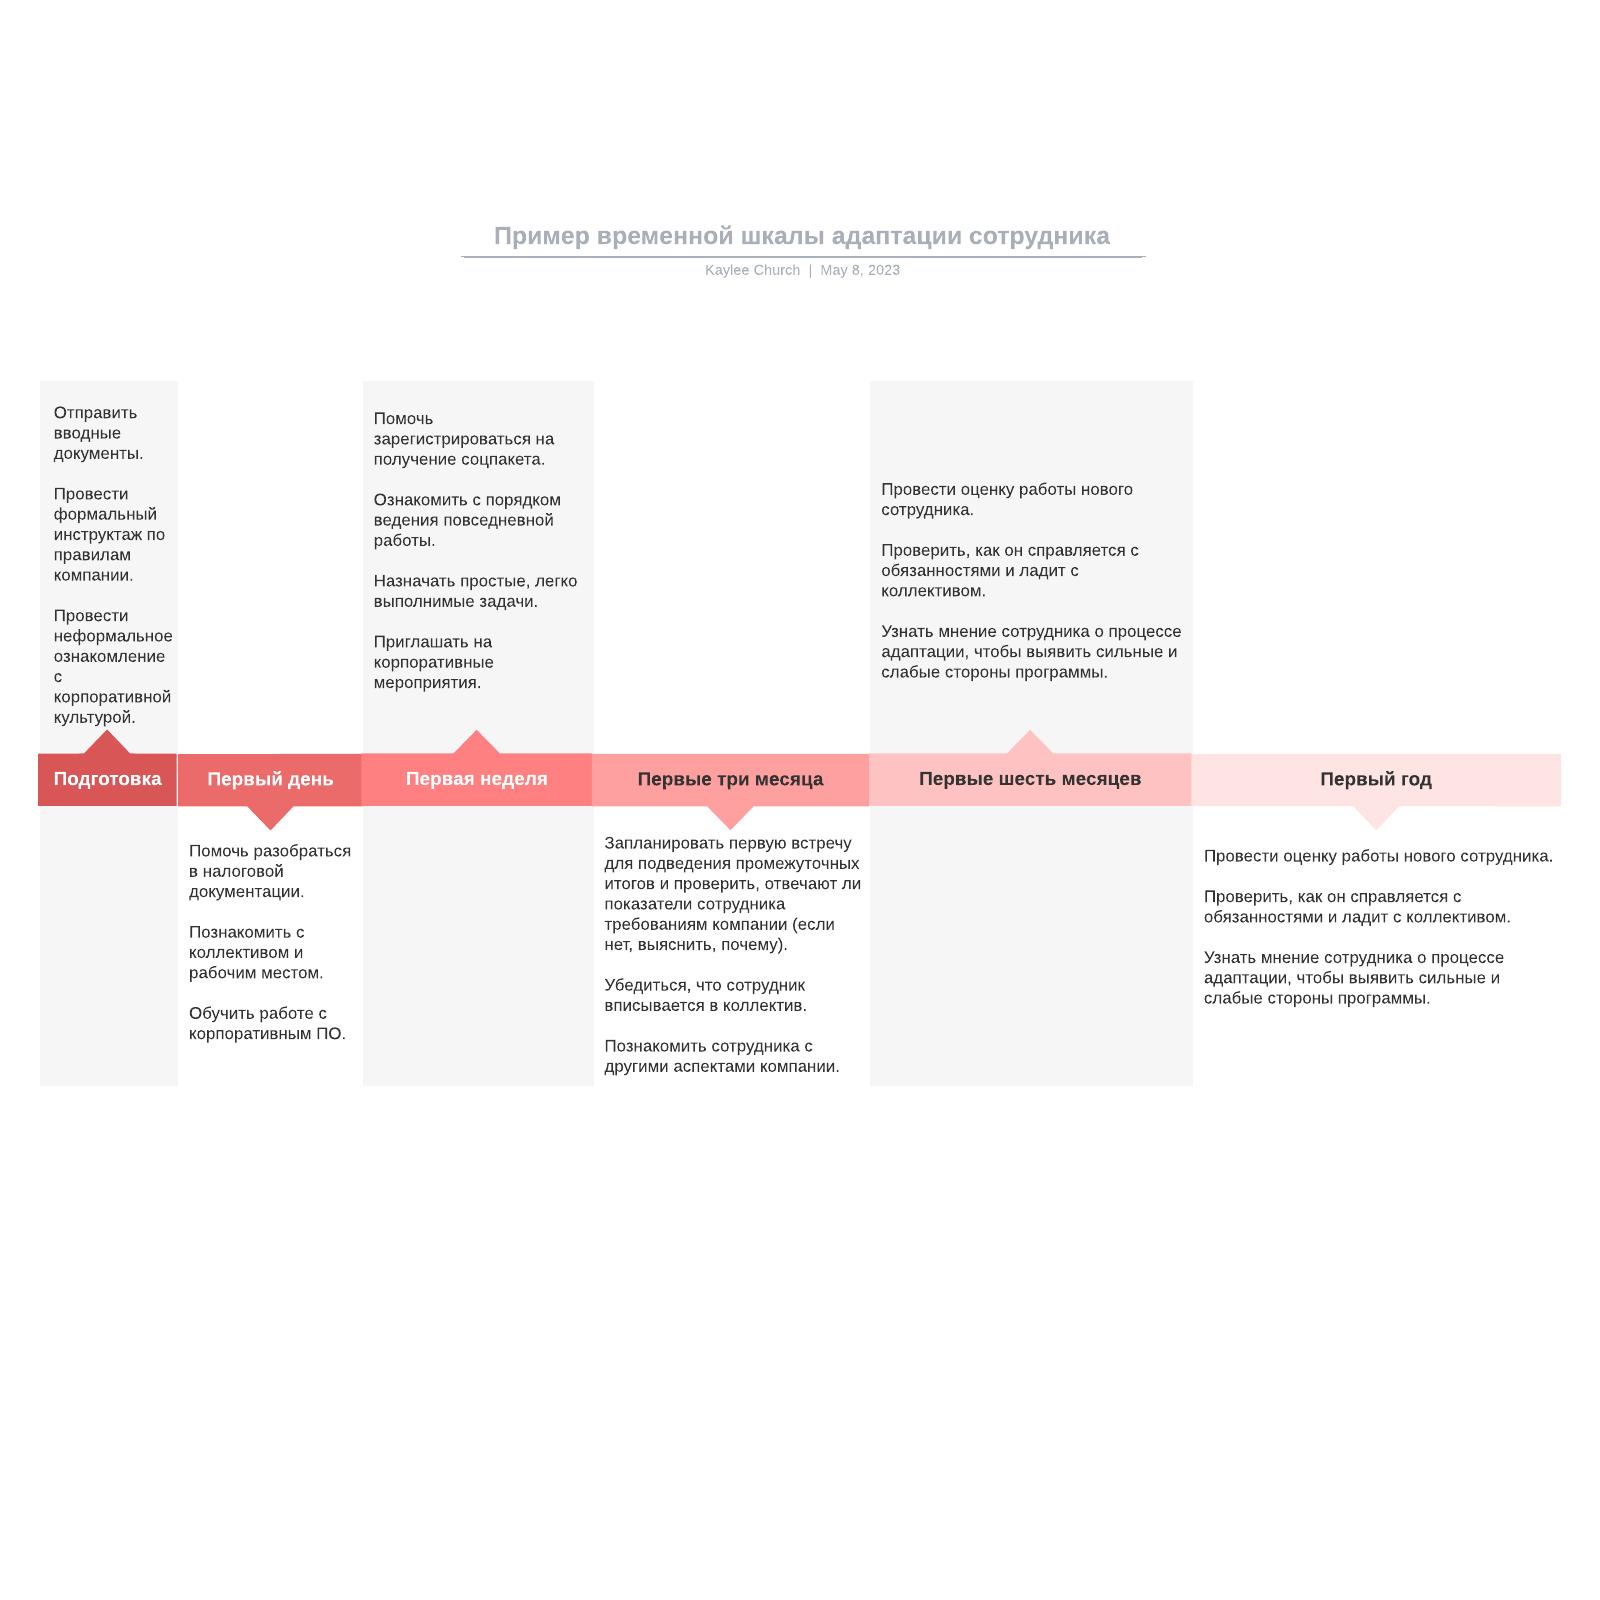 Пример временной шкалы адаптации сотрудника